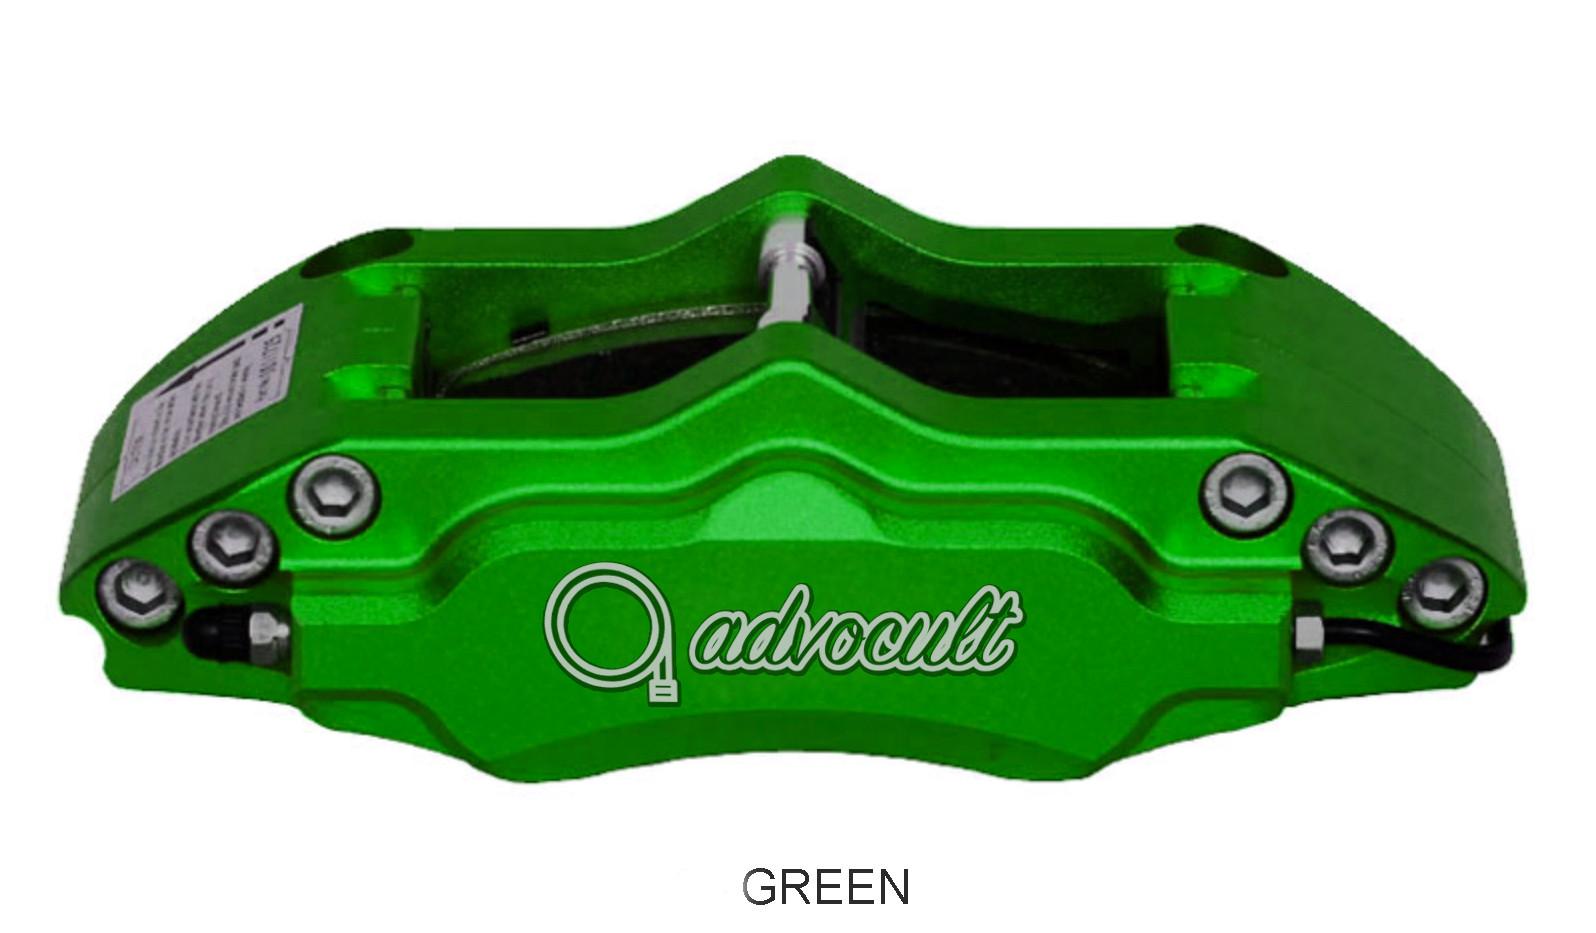 9 GREEN.jpg